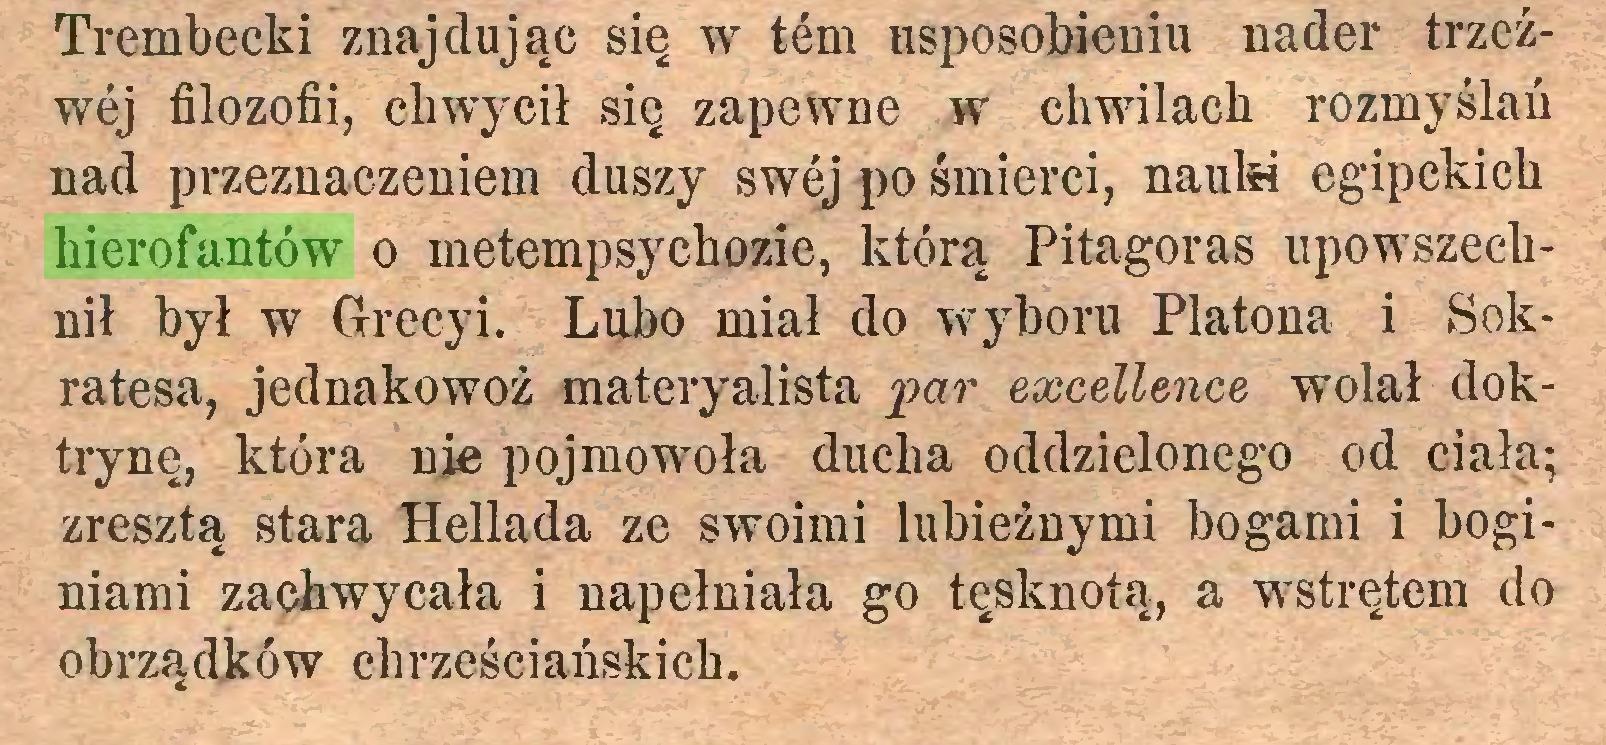 (...) Trembecki znajdując się w tern usposobieniu nader trzeźwej filozofii, chwycił się zapewne w chwilach rozmyślań nad przeznaczeniem duszy swej po śmierci, nauki egipckich hierofantów o metempsychozie, którą Pitagoras upowszechnił był w Grecy i. Lubo miał do wyboru Platona i Sokratesa, jednakowoż materyalista par excellence wolał doktrynę, która nie pojmowoła ducha oddzielonego od ciała; zresztą stara Hellada ze swoimi lubieżnymi bogami i boginiami zachwycała i napełniała go tęsknotą, a wstrętem do obrządków chrześciańskich...